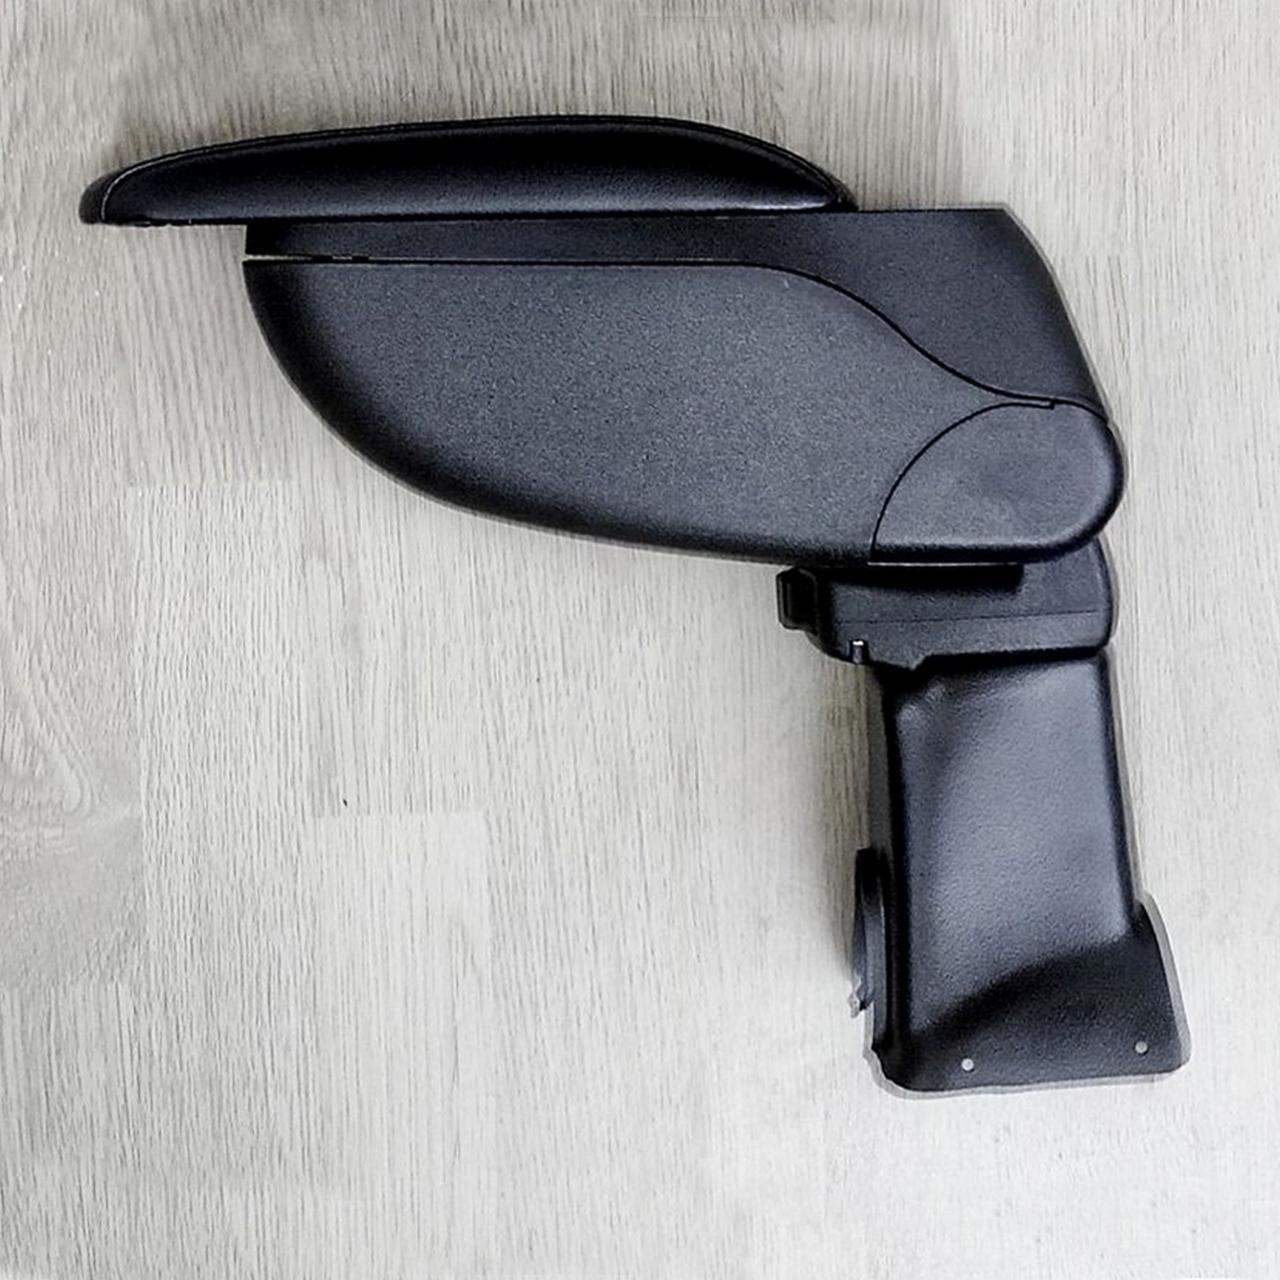 Citroen C3 Picasso 2009-2016 подлокотник Armcik S2 со сдвижной крышкой и регулируемым наклоном